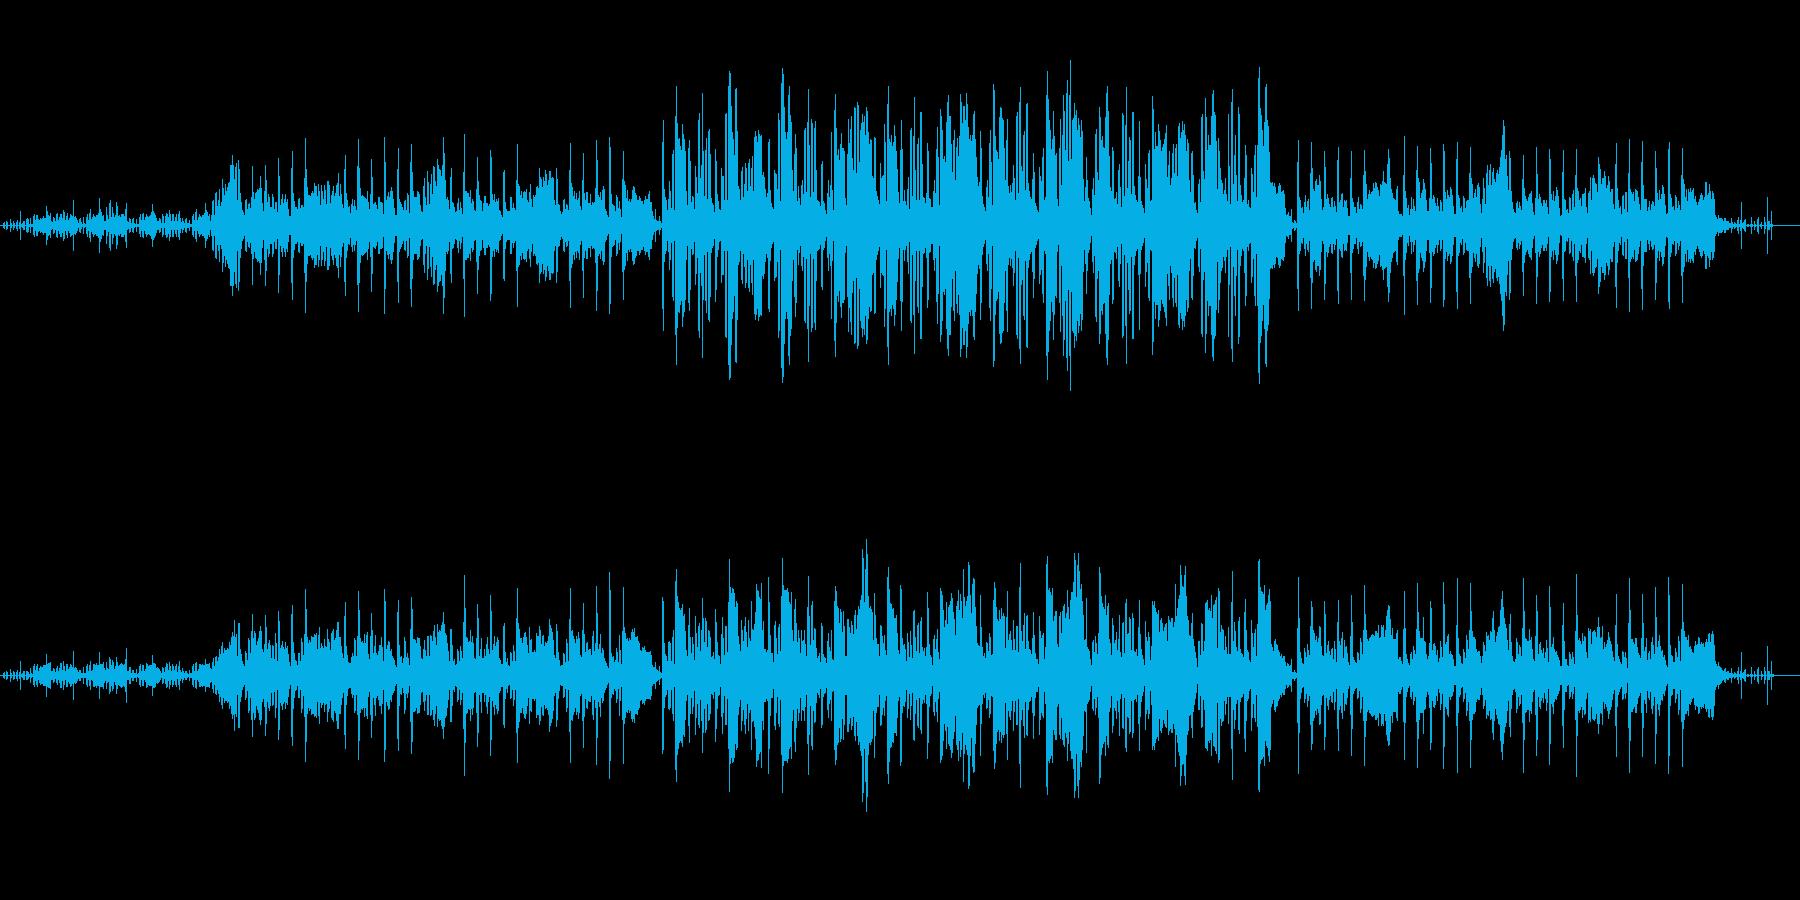 いたずらっぽいコミカルな曲の再生済みの波形